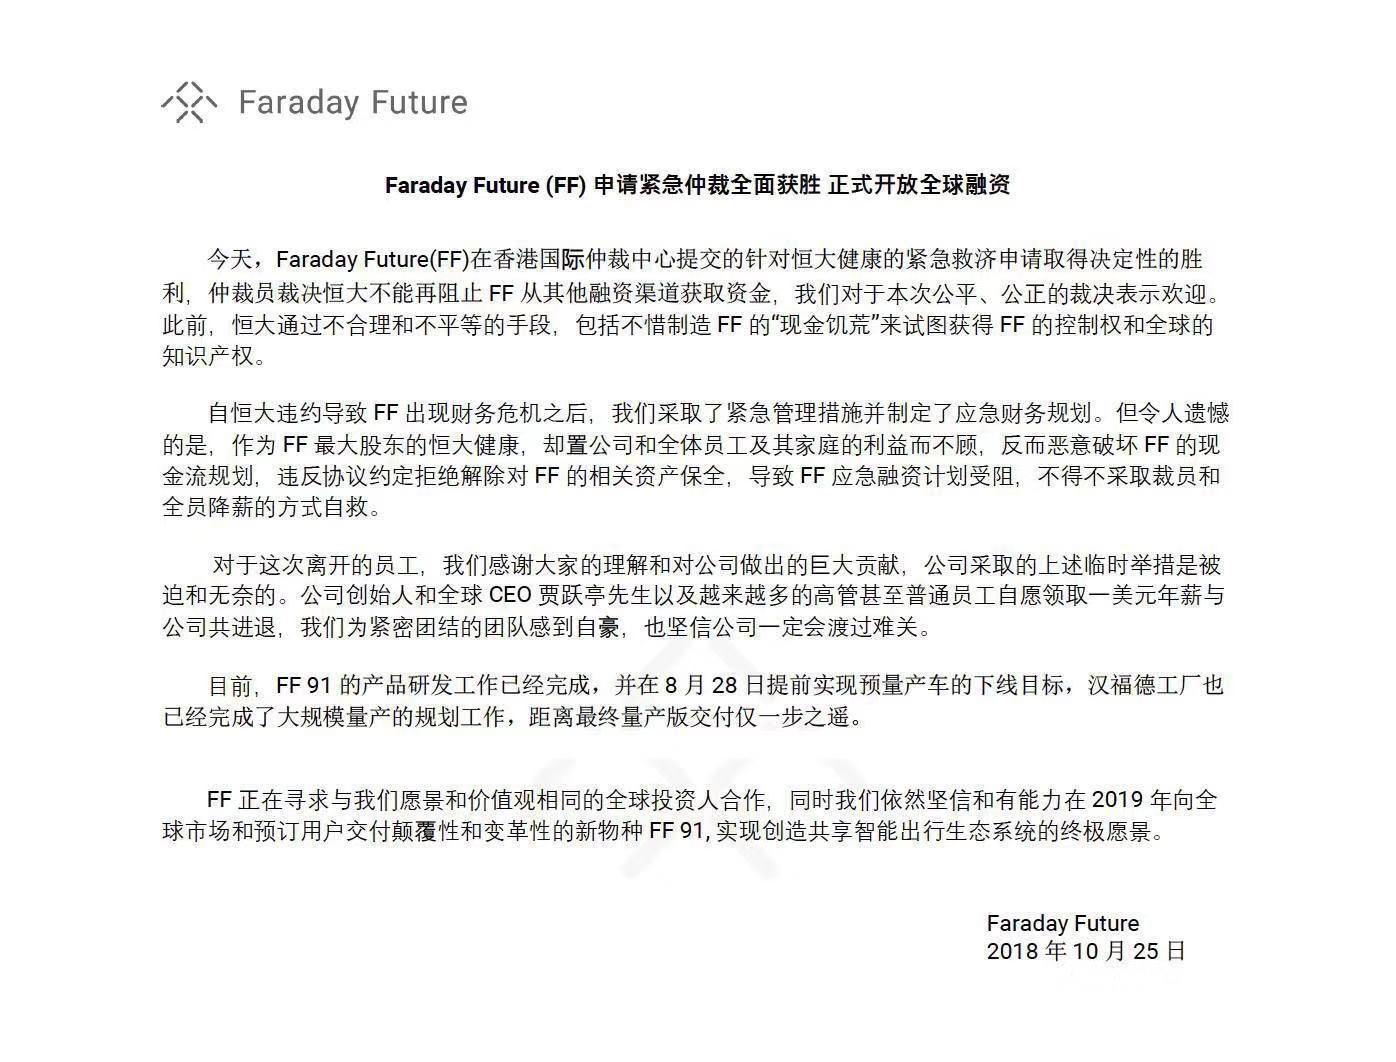 FF宣布紧急仲裁获胜 恒大:不得超过5亿美元